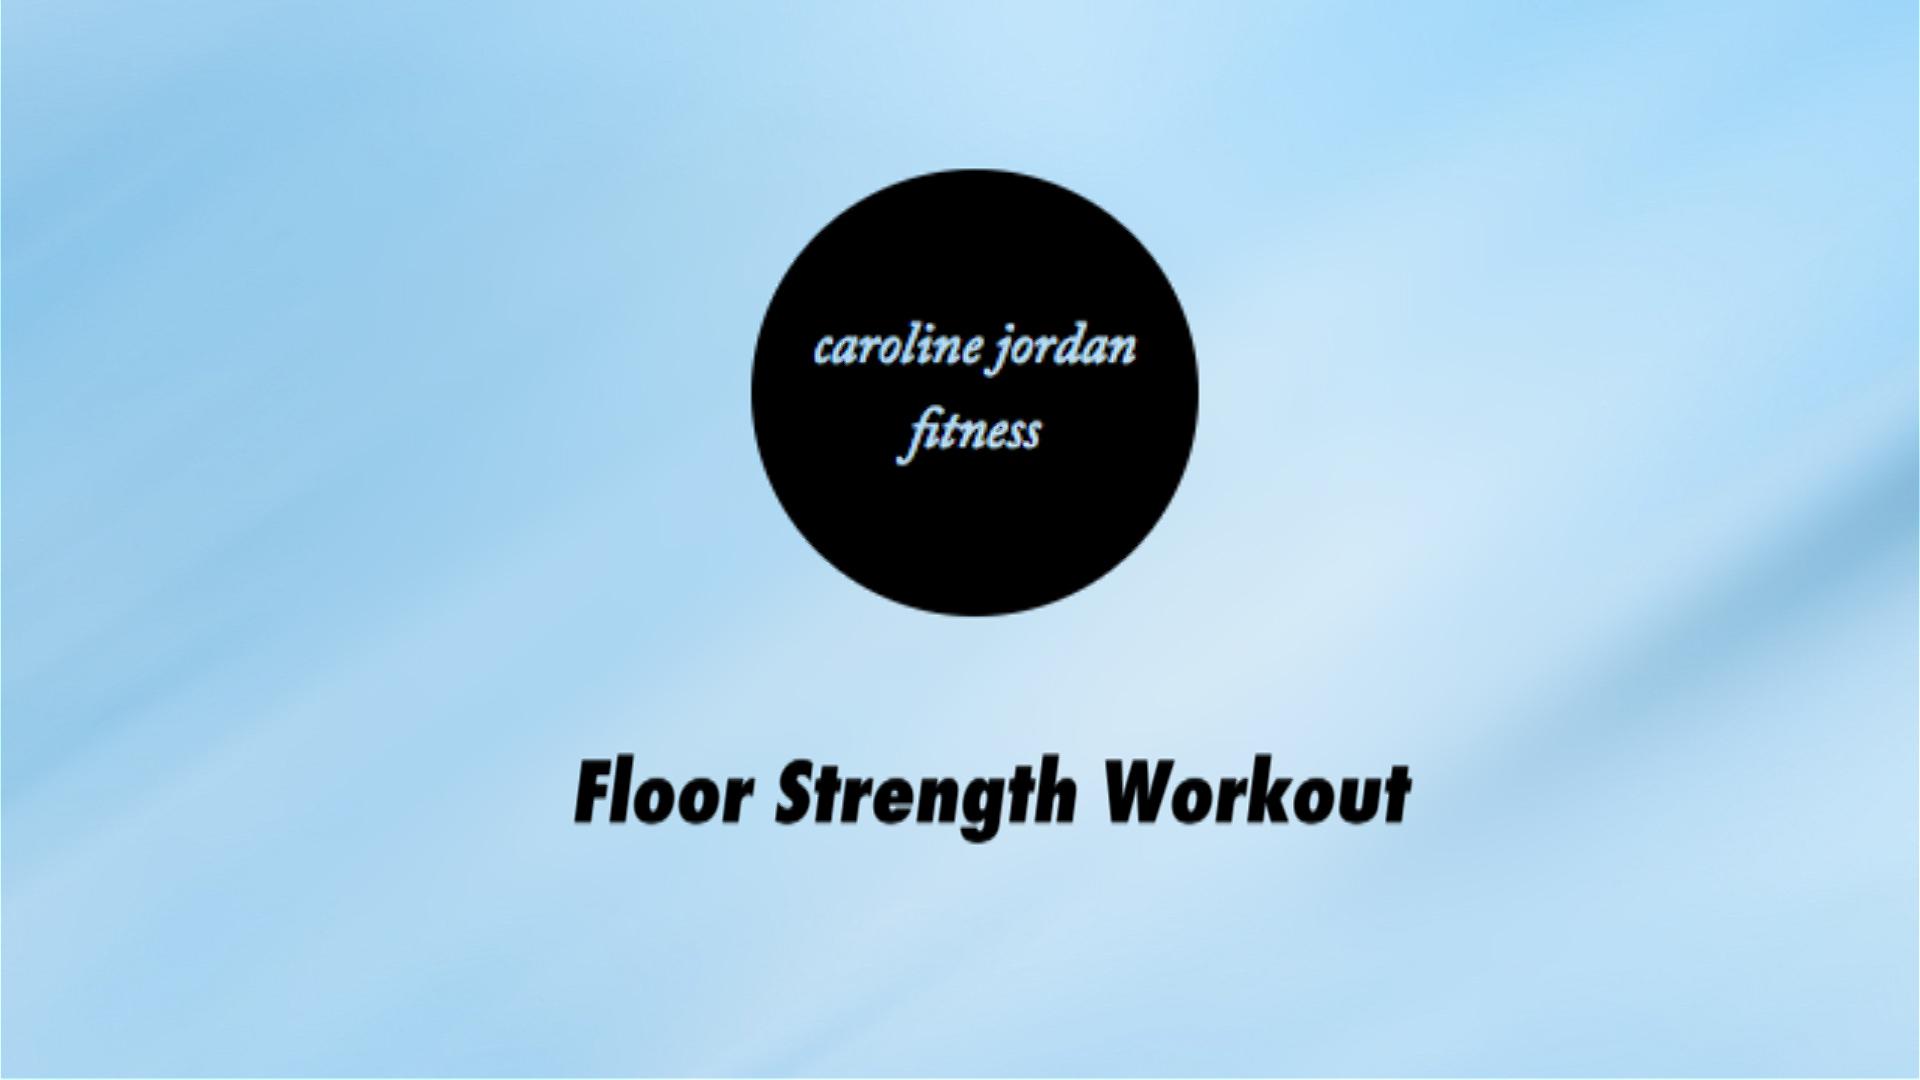 Floor Strength